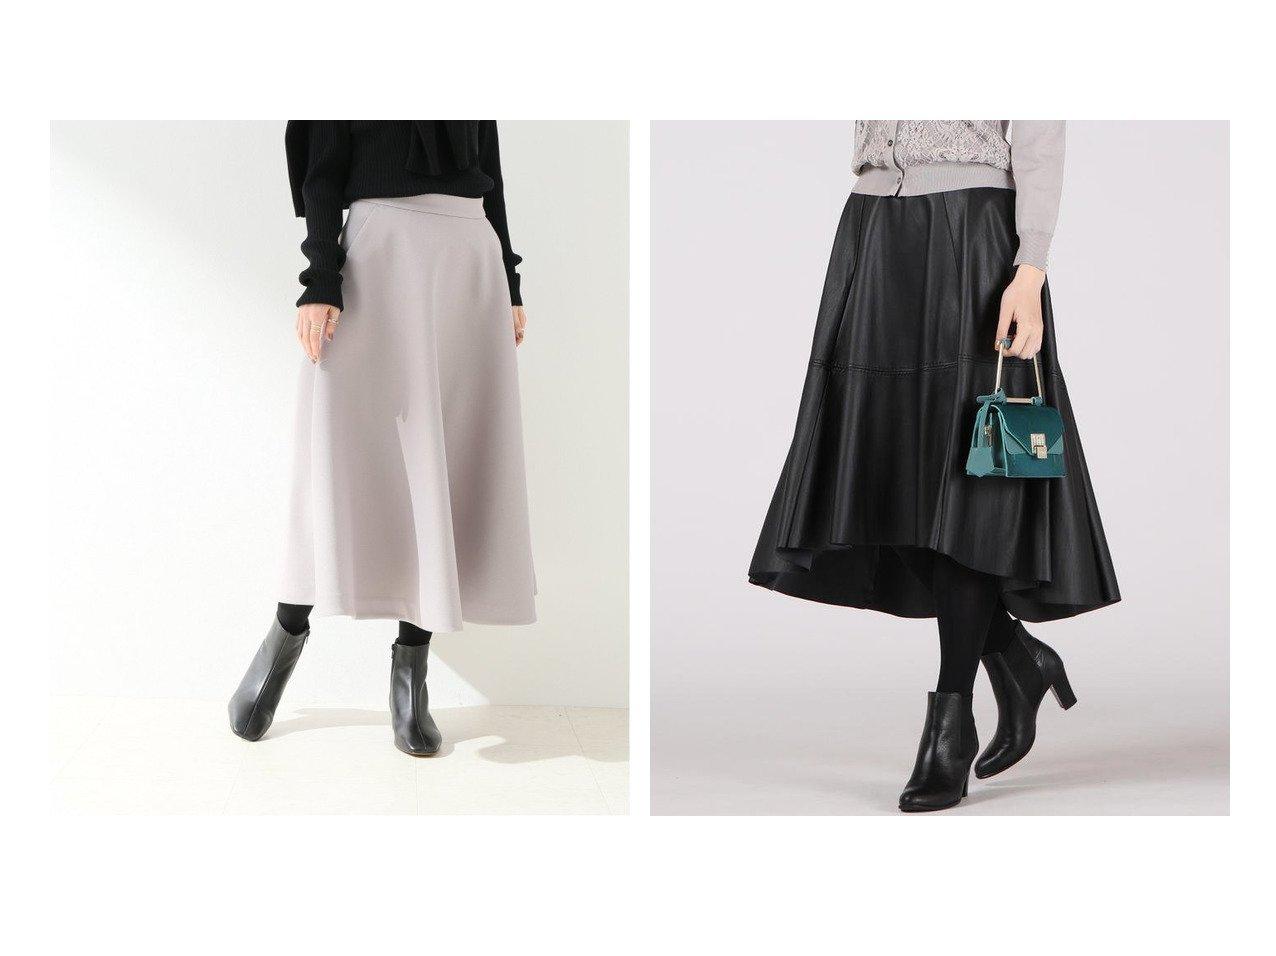 【Viaggio Blu/ビアッジョブルー】のエコレザーイレギュラーヘムフレアスカート&【SLOBE IENA/スローブ イエナ】のボンディングサーキュラースカート スカートのおすすめ!人気、レディースファッションの通販  おすすめで人気のファッション通販商品 インテリア・家具・キッズファッション・メンズファッション・レディースファッション・服の通販 founy(ファニー) https://founy.com/ ファッション Fashion レディース WOMEN スカート Skirt Aライン/フレアスカート Flared A-Line Skirts 秋冬 A/W Autumn/ Winter ボンディング ミモレ クッション フレア |ID:crp329100000004047